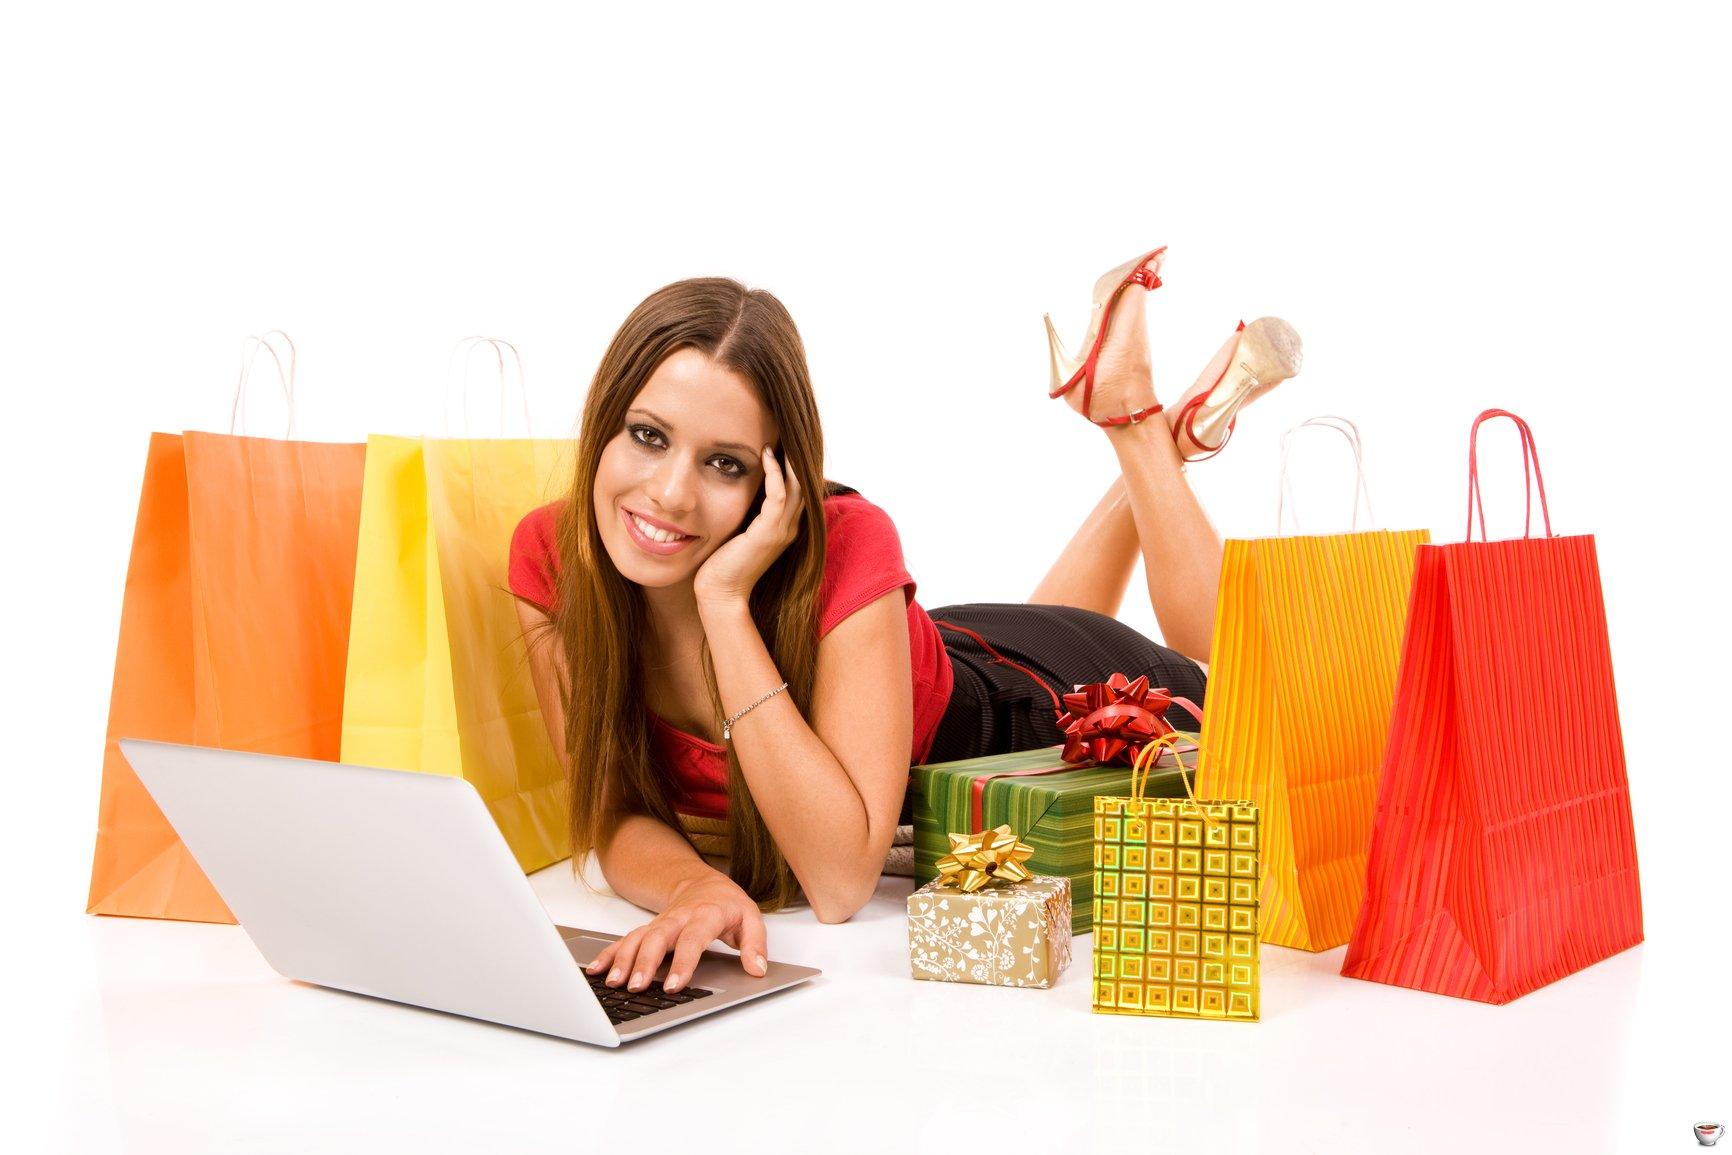 d88d17ea1 Как открыть интернет-магазин одежды